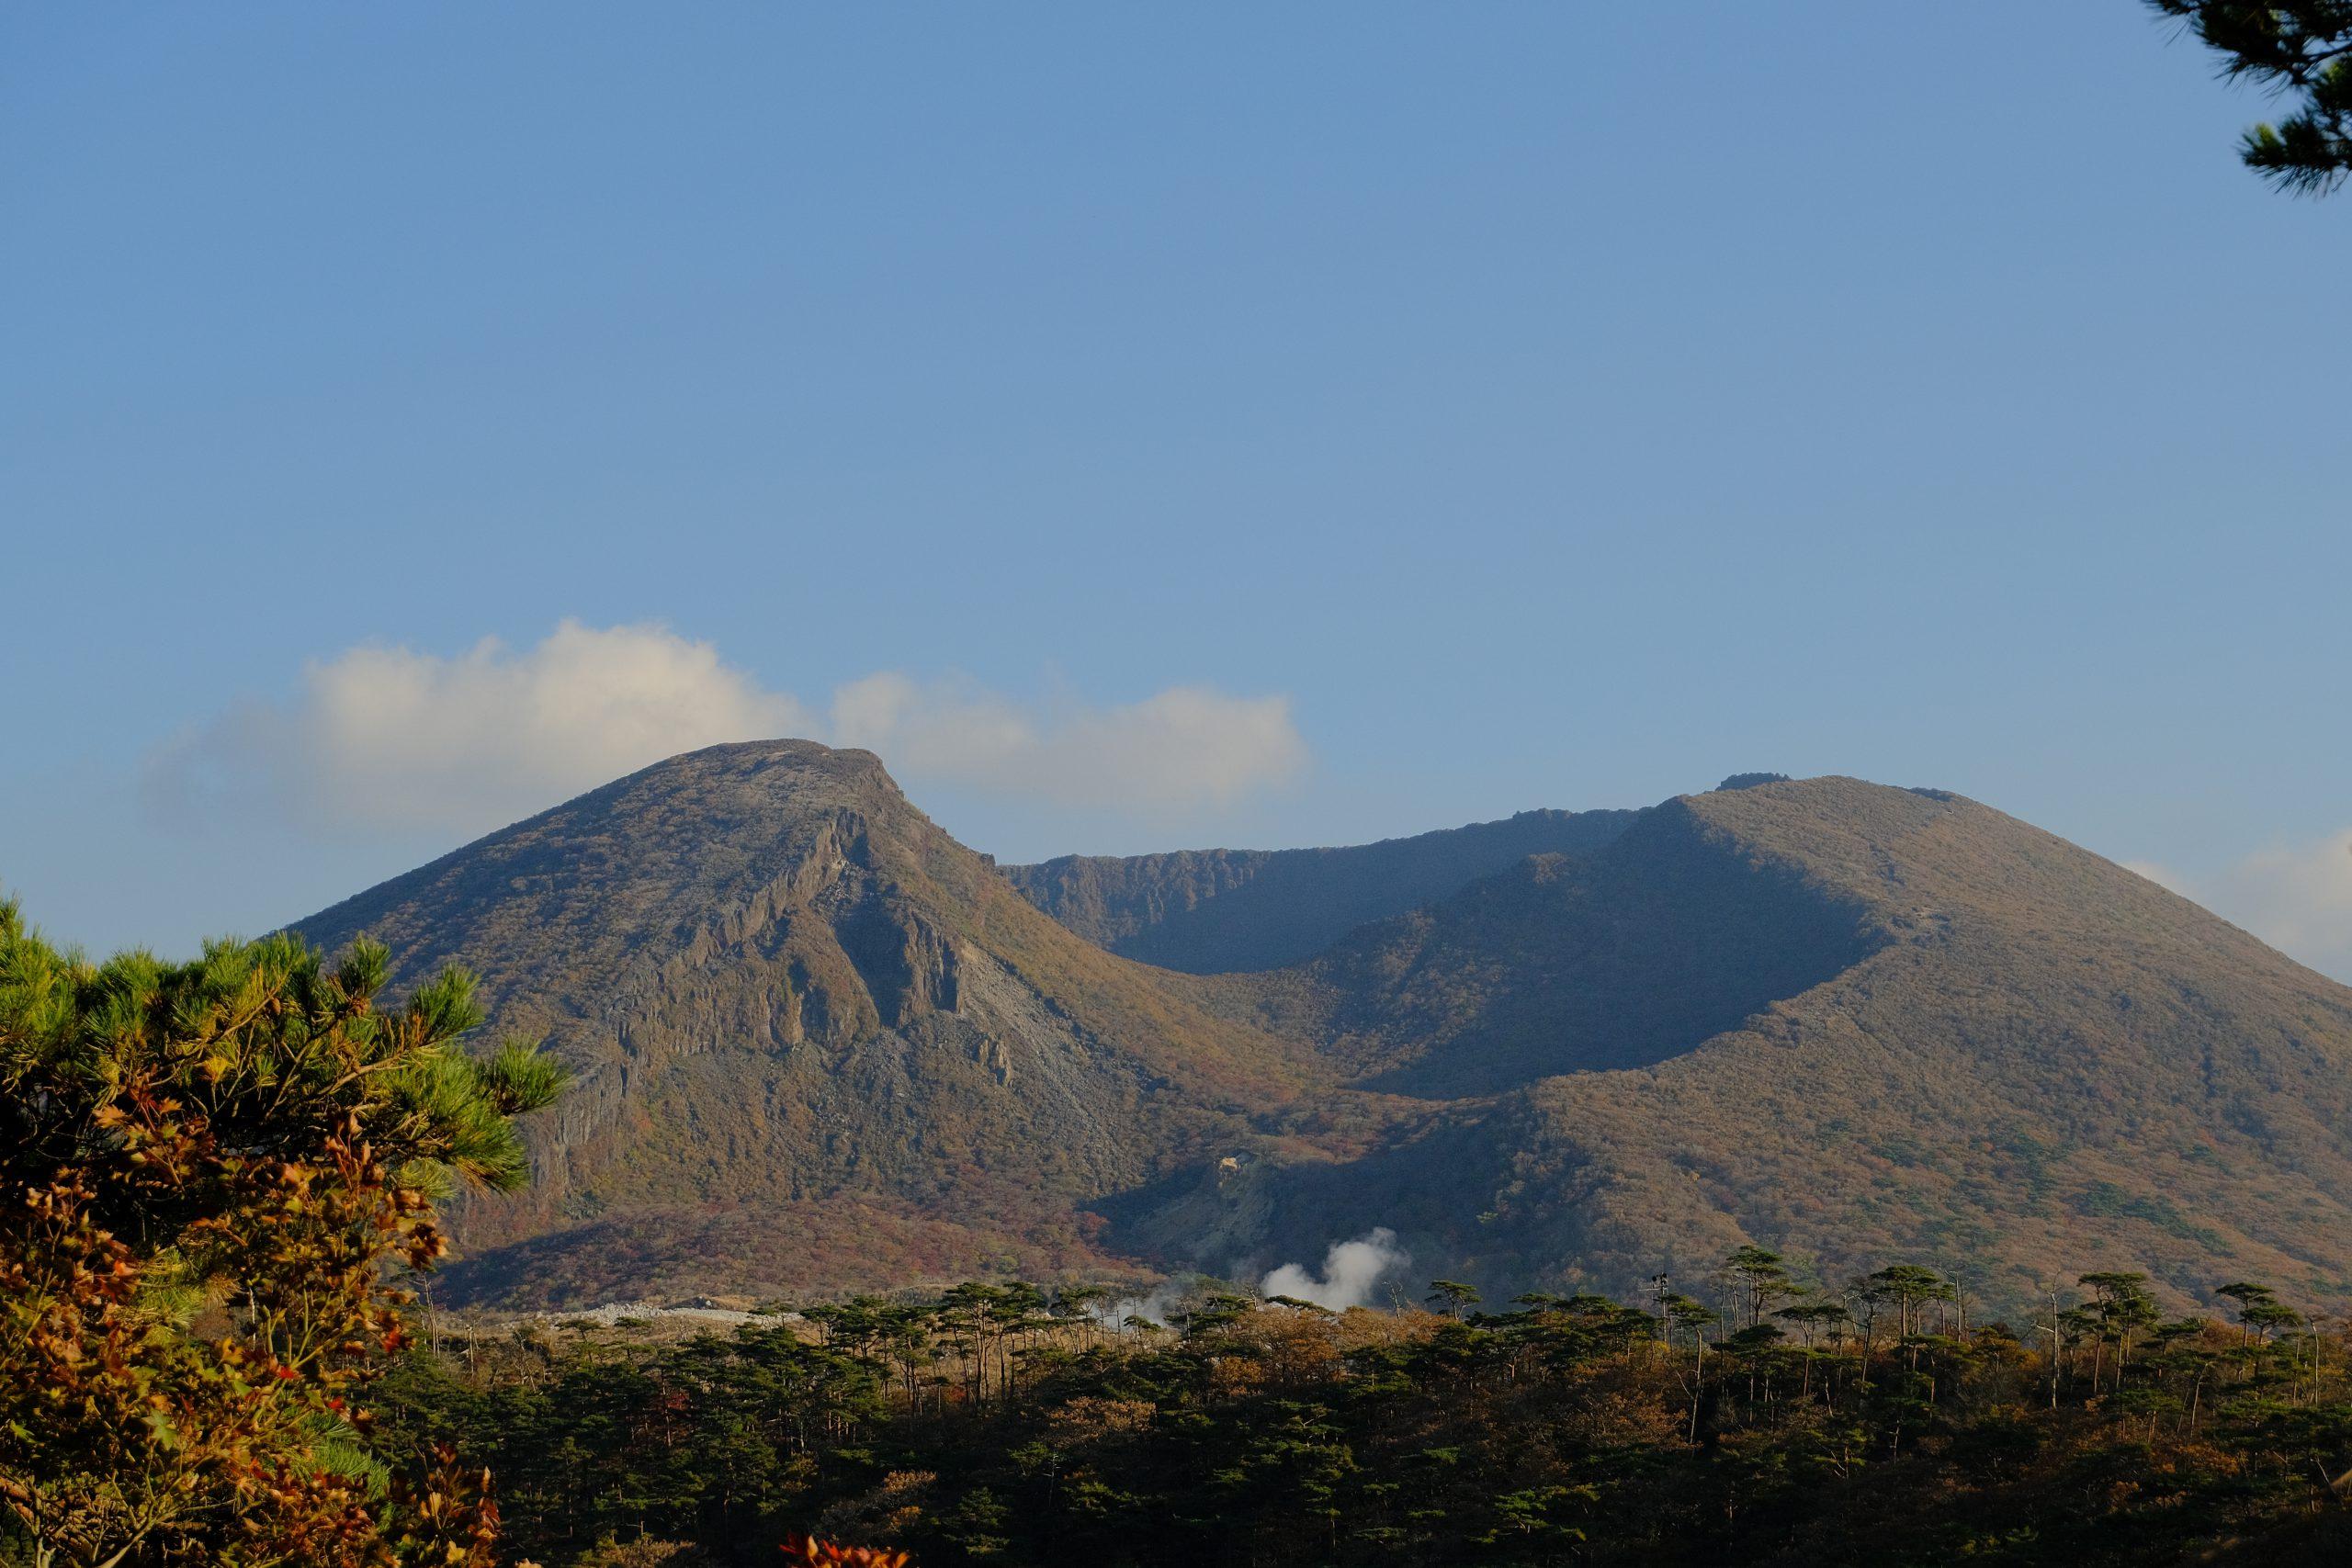 Kirishima Mountain